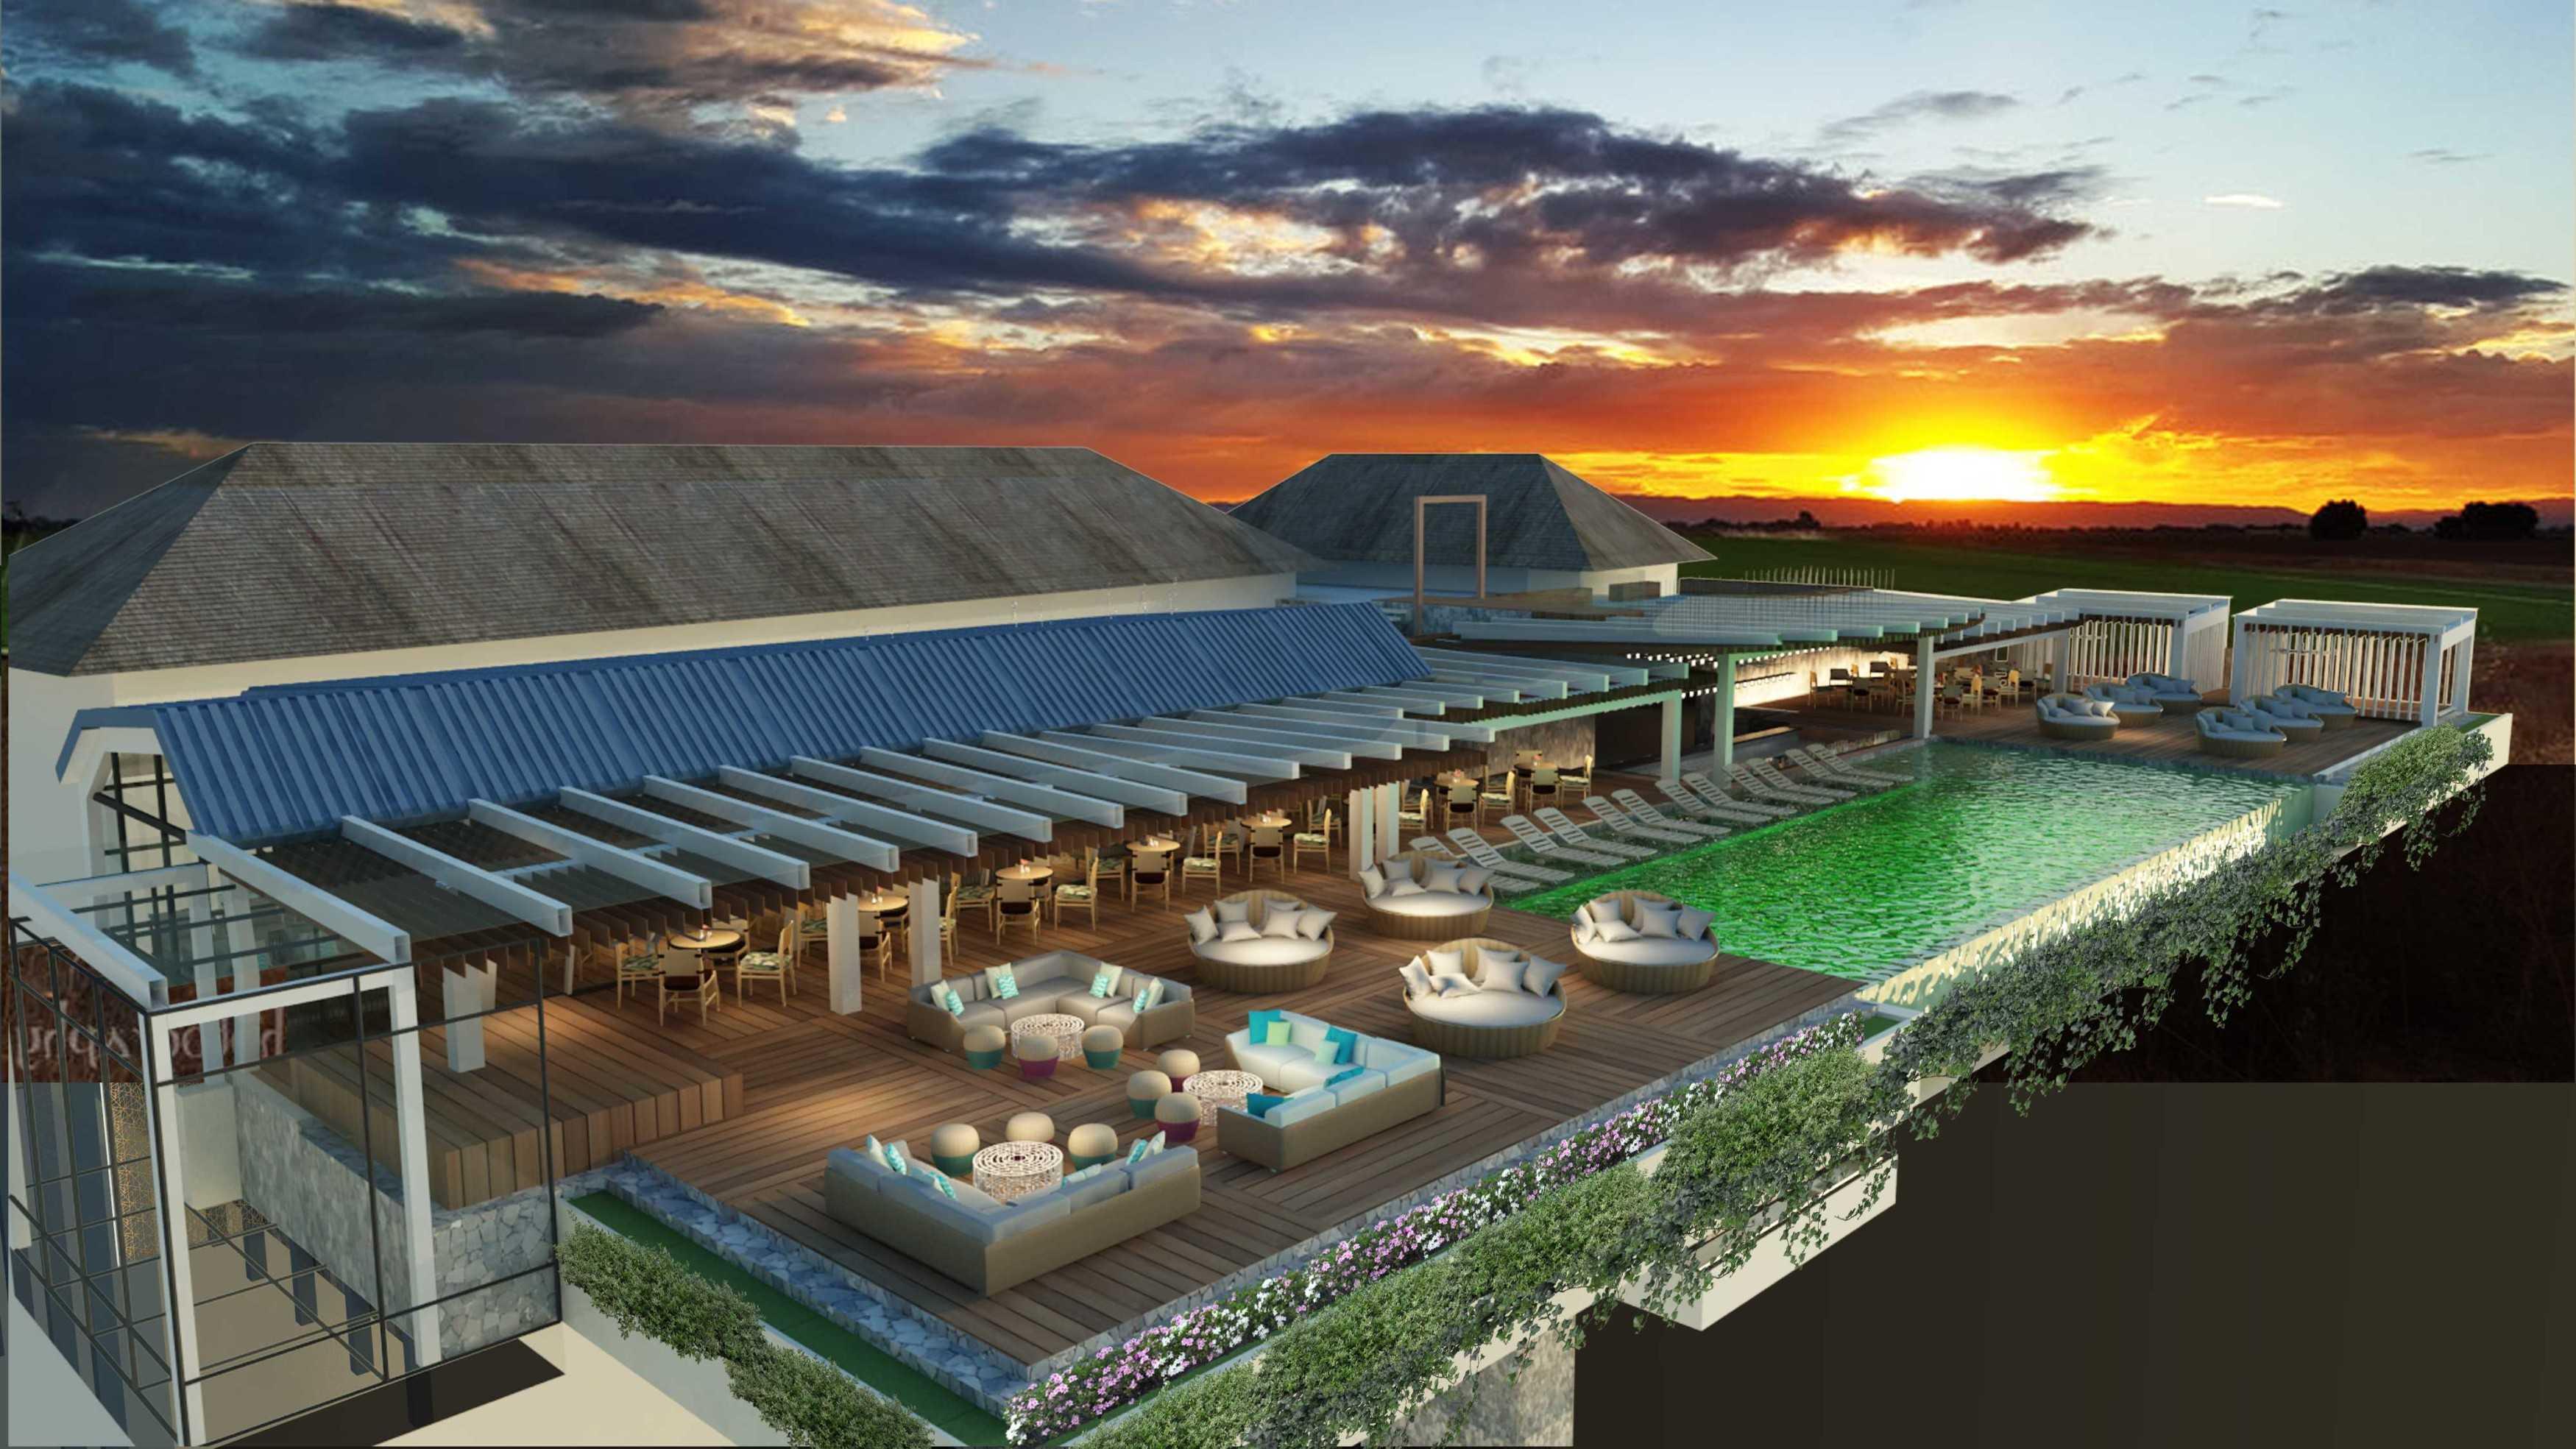 Vin•da•te Hotel Canggu Beach Bali - Indonesia Bali - Indonesia Roof-Top Kontemporer  17585